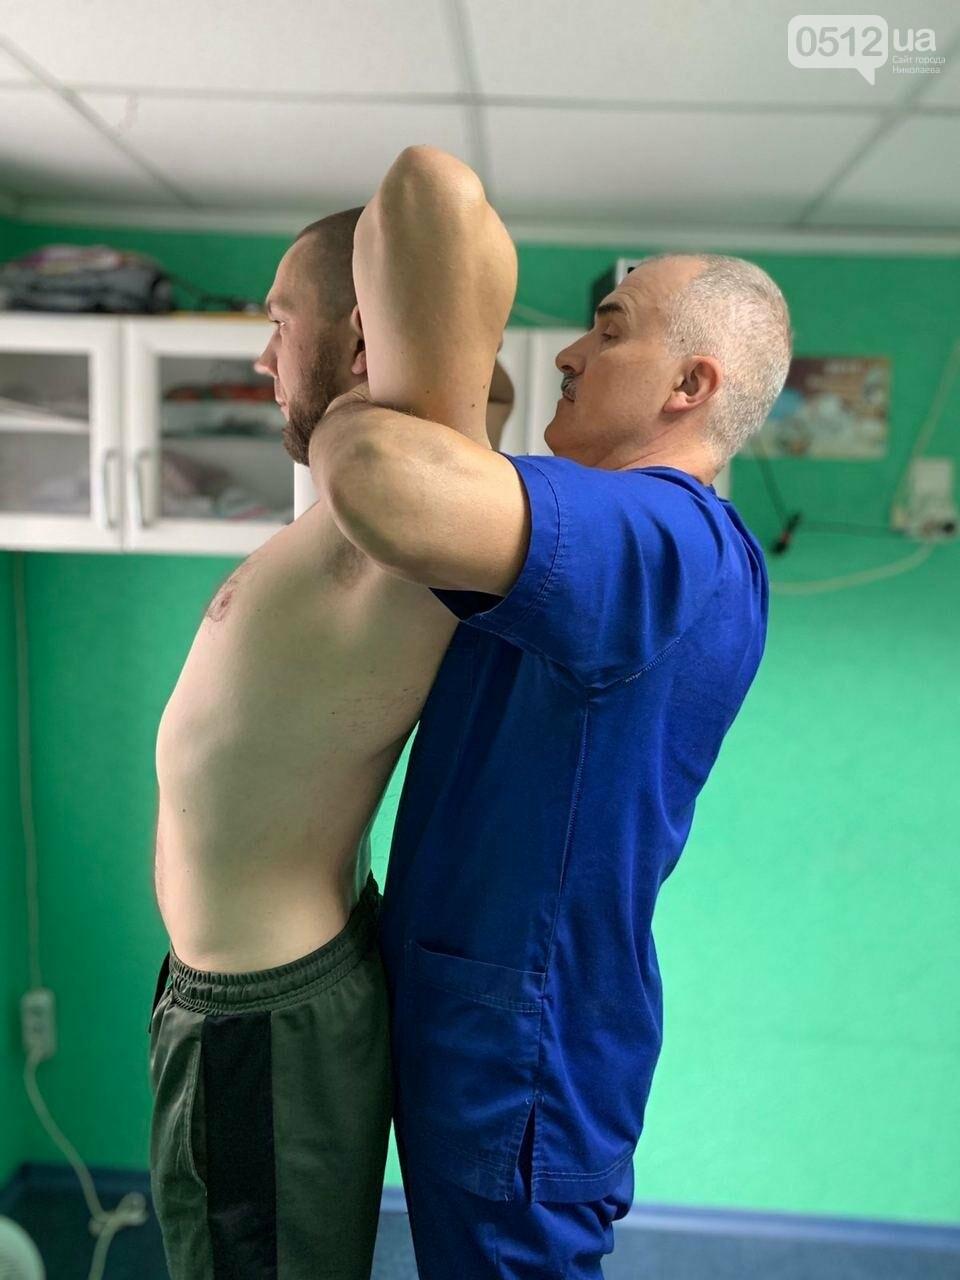 Забудьте о болях в спине: качественные услуги мануального терапевта в Николаеве, фото-4